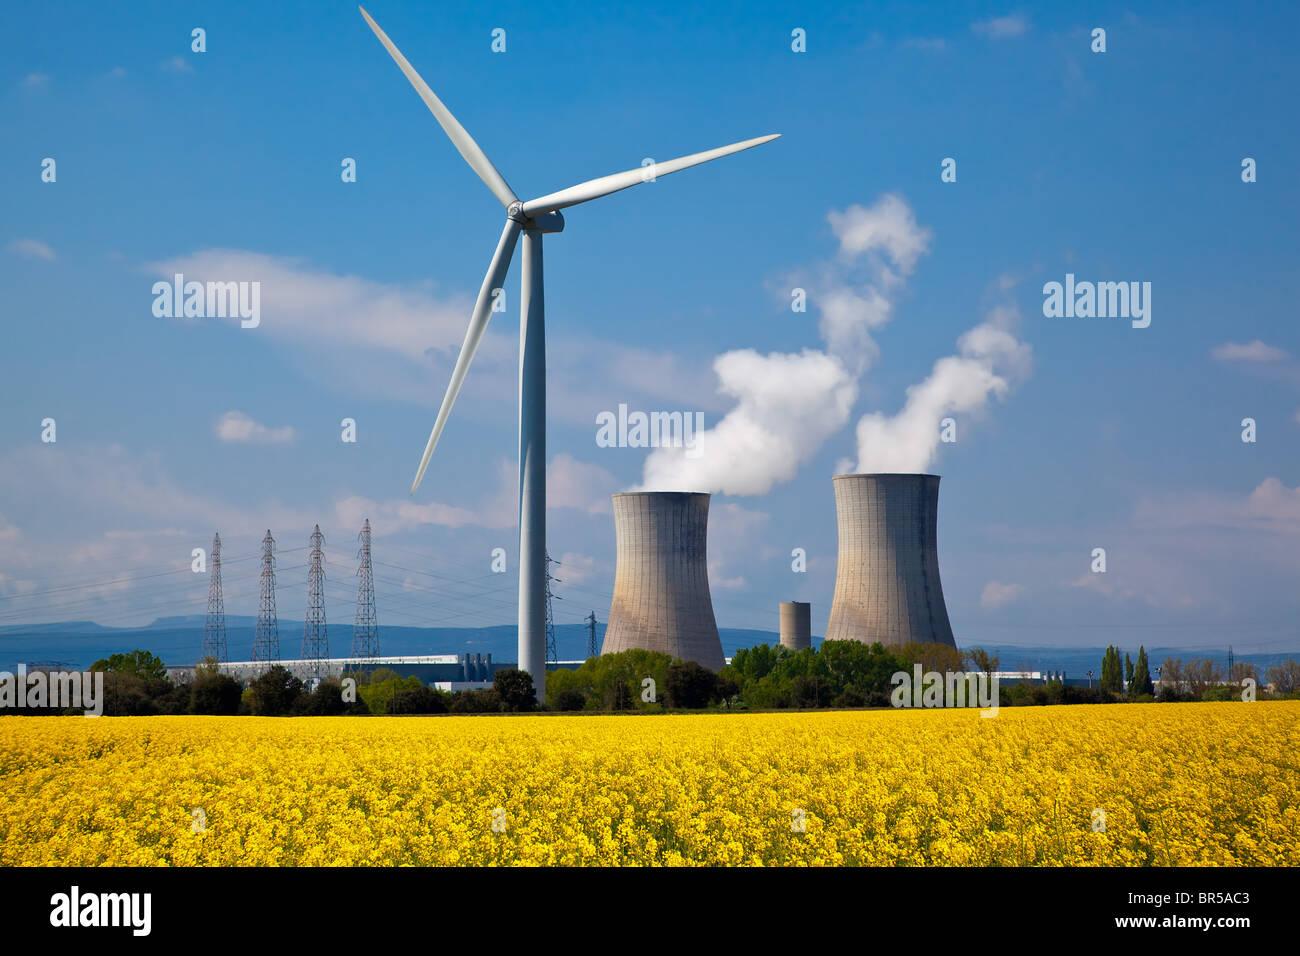 Frankreich, Drome und Vaucluse, Windkraftanlagen und Kernkraftwerk Tricastin Stockbild